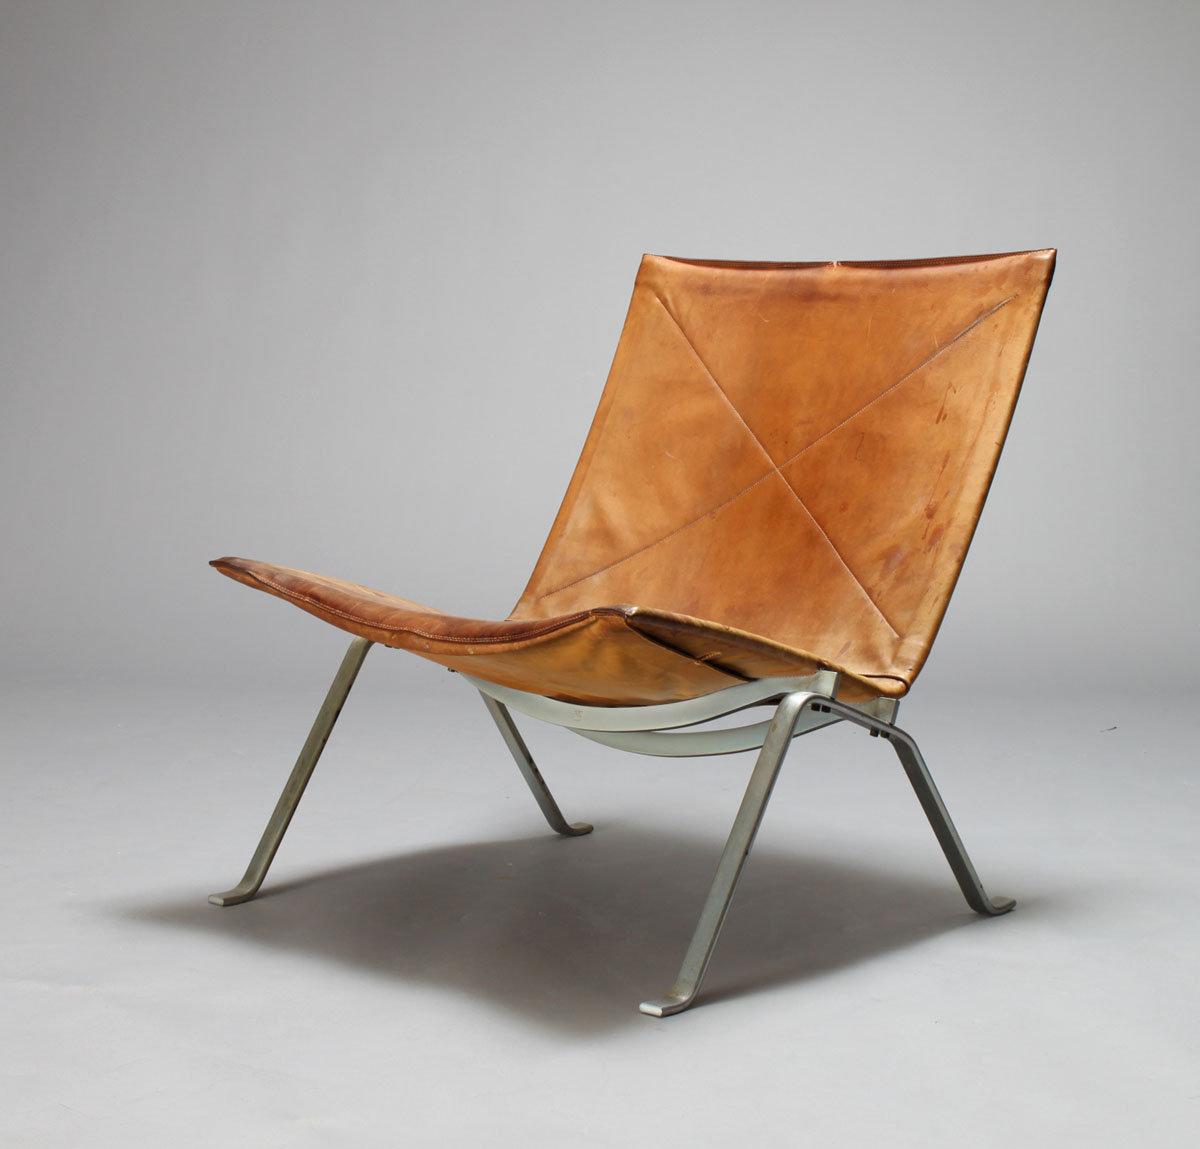 poul kjaerholm pk22 koursi. Black Bedroom Furniture Sets. Home Design Ideas